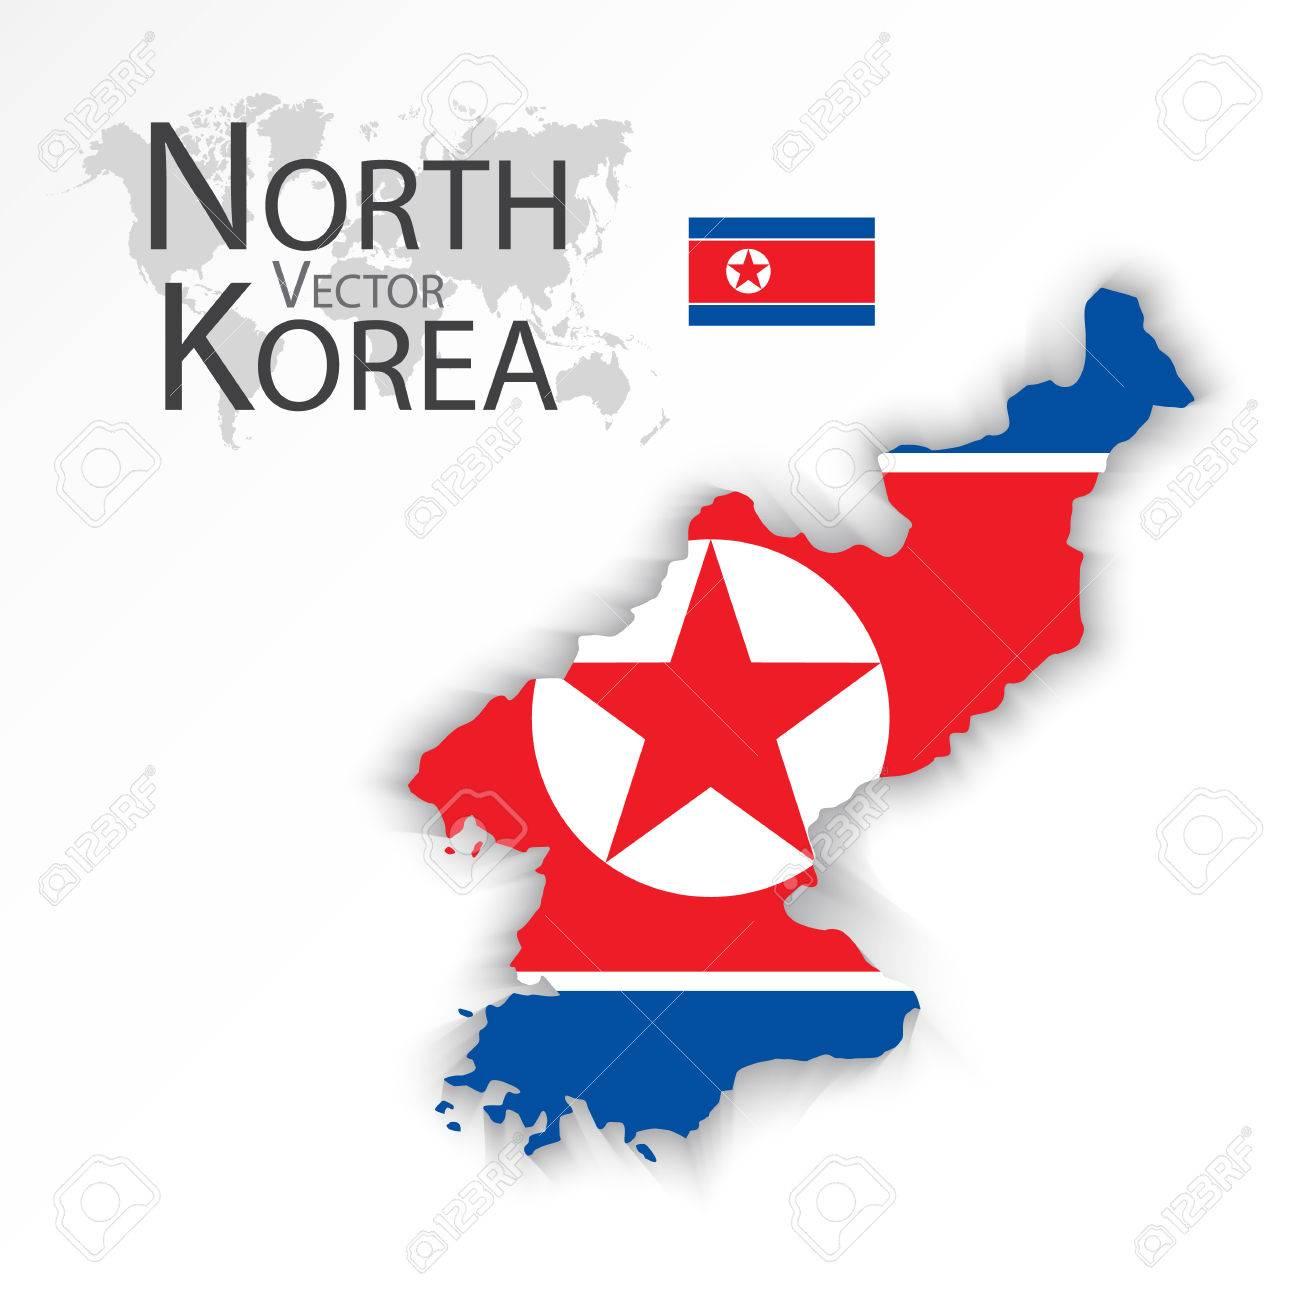 Corea Del Norte Republica Popular Democratica De Corea Bandera Y El Mapa Transporte Y Turismo Concepto